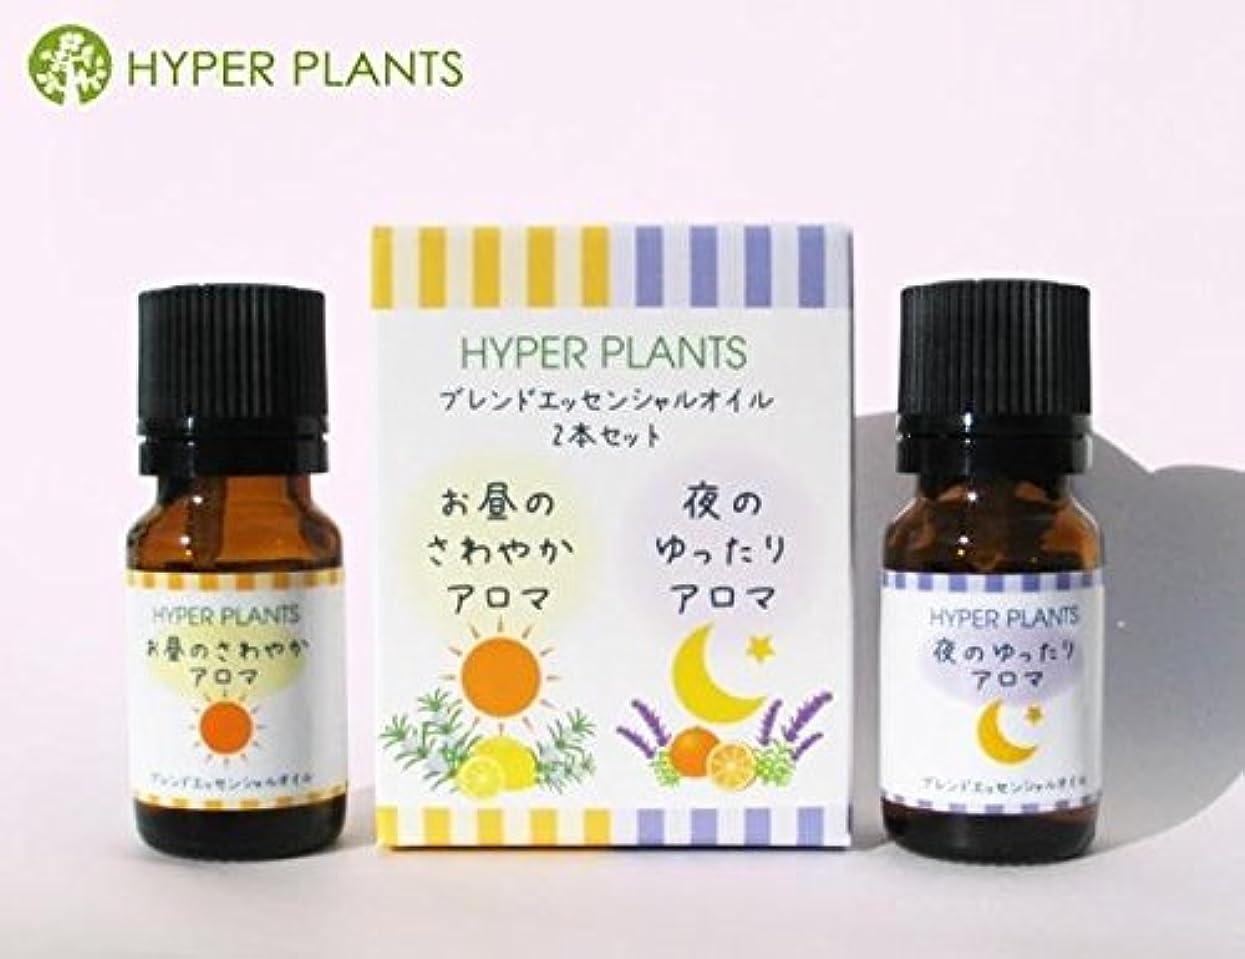 のぞき見規制する努力HYPER PLANTS ブレンドエッセンシャルオイル 昼夜2本セット